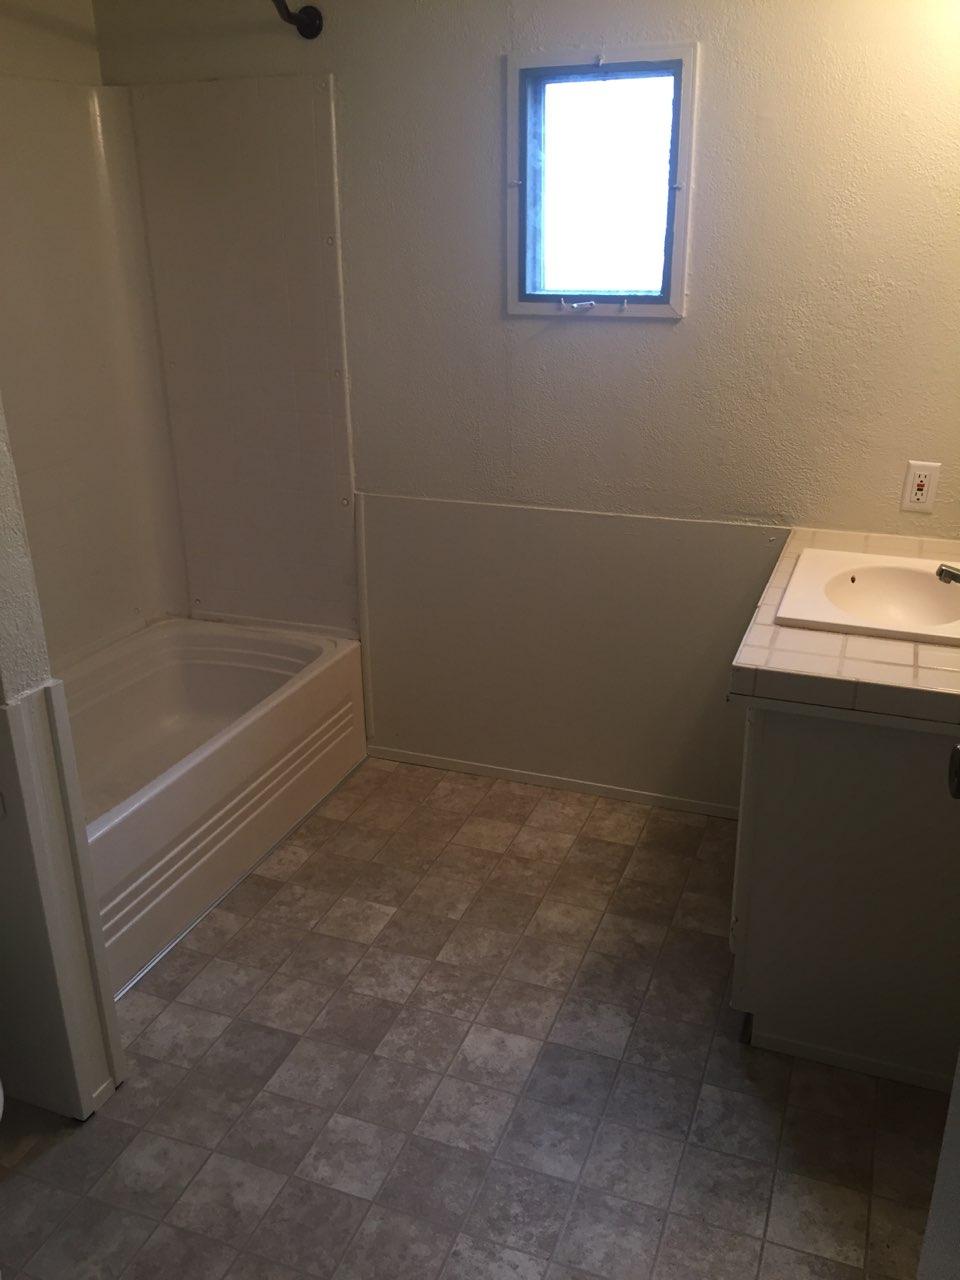 Lot 11 Mobile Home Villa 1994 Fairmont 14 215 64 2 Bedroom 1